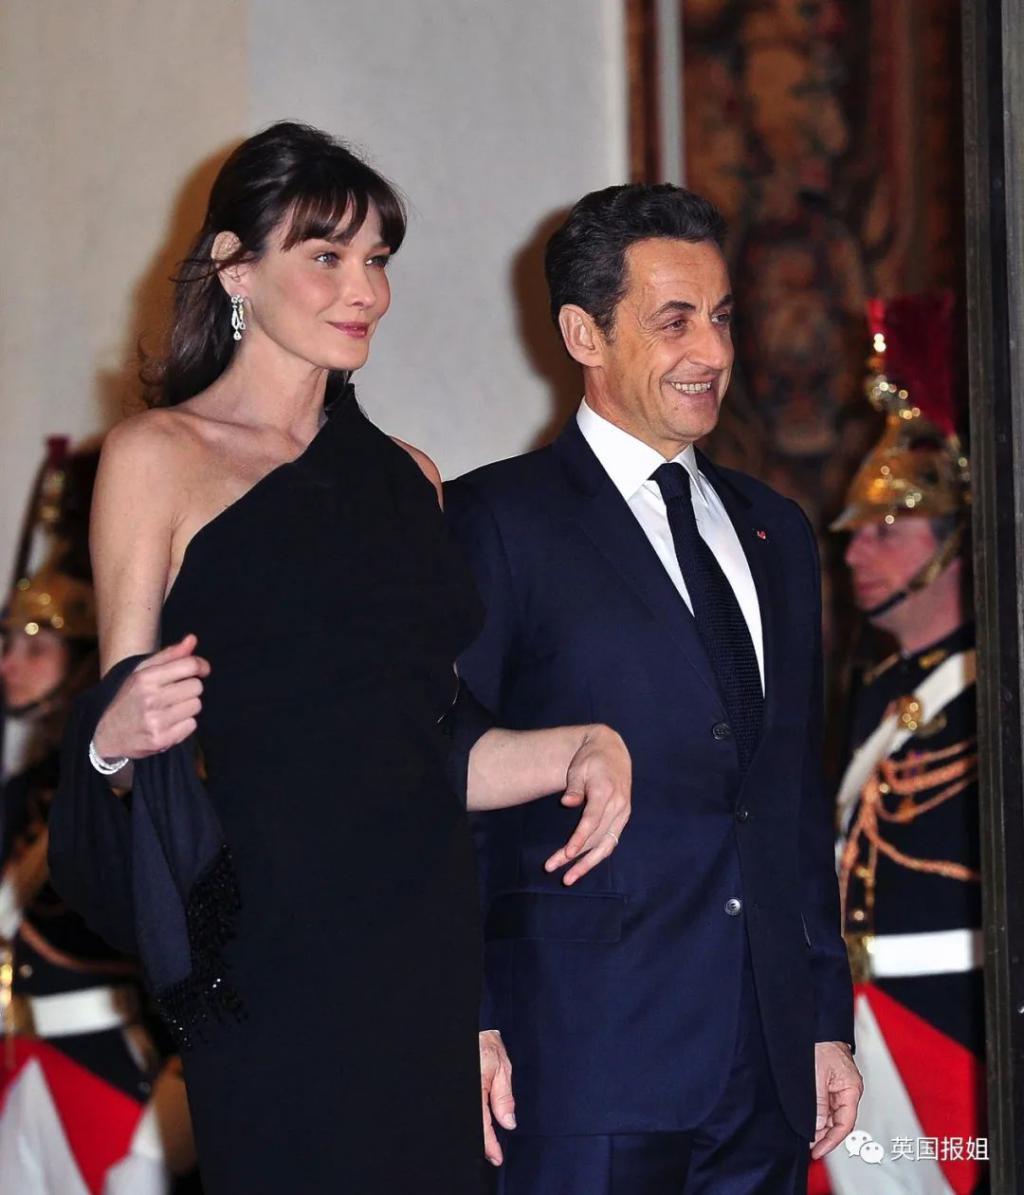 超模狗血情史!绿过巨星、谈过父子、嫁法国总统